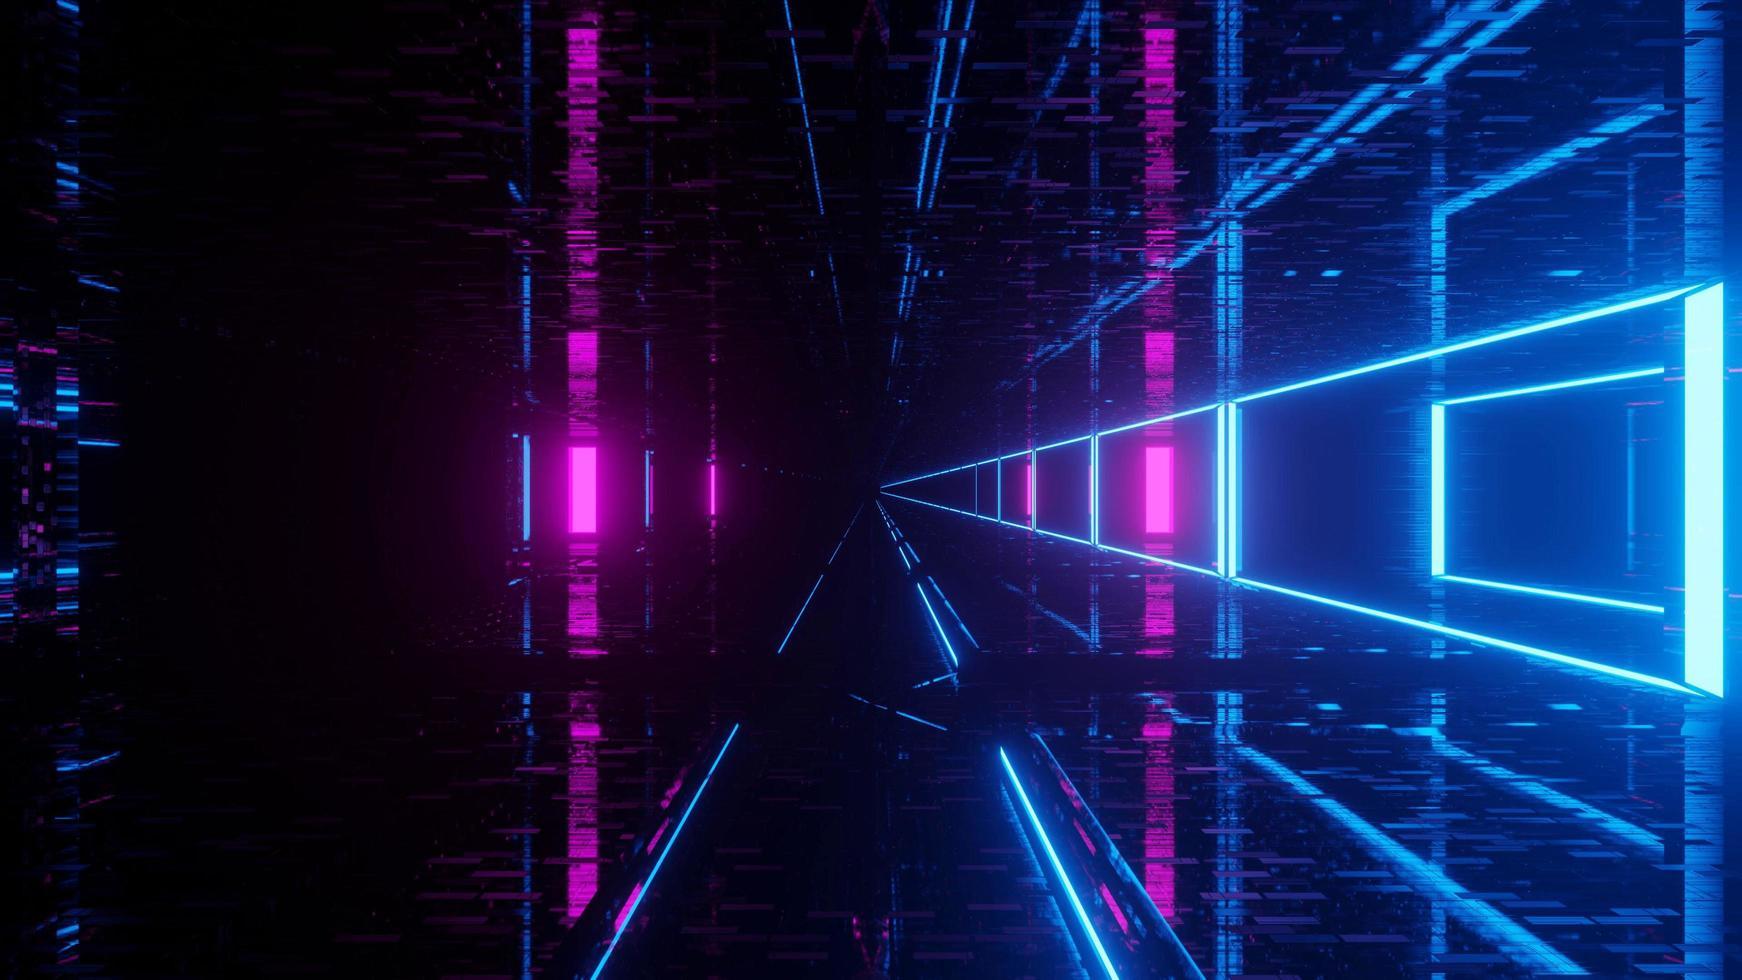 tunnel du cyber-monde émettant de la lumière photo